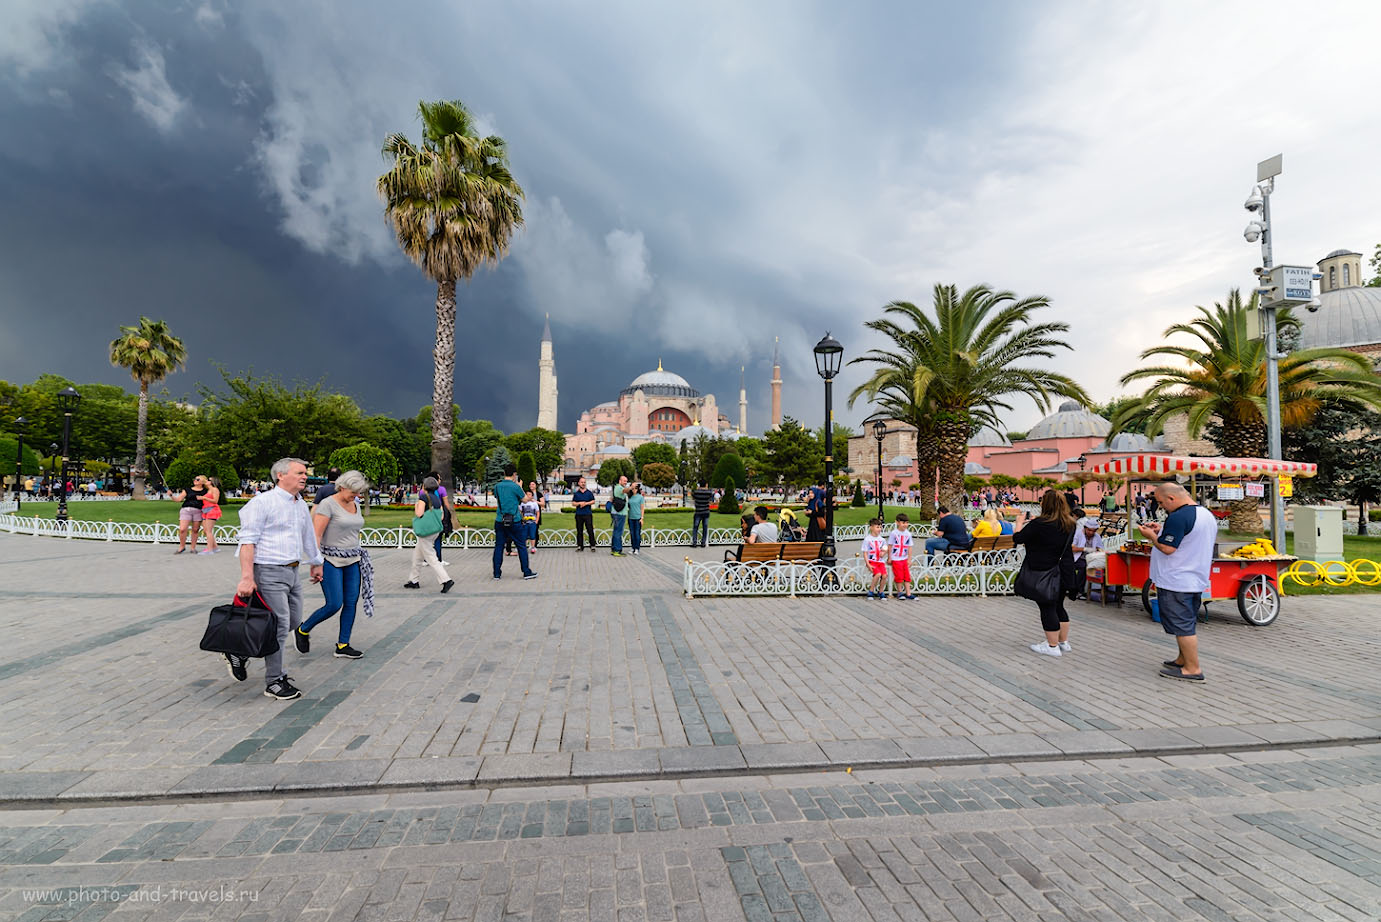 Фотография 12. Туристы на площади Султанахмет. Цистерна Базилика - за деревьями, слева от Айя-Софии. Какие достопримечательности можно увидеть в Стамбуле за полдня. 1/320, -0.67, 320, 14.